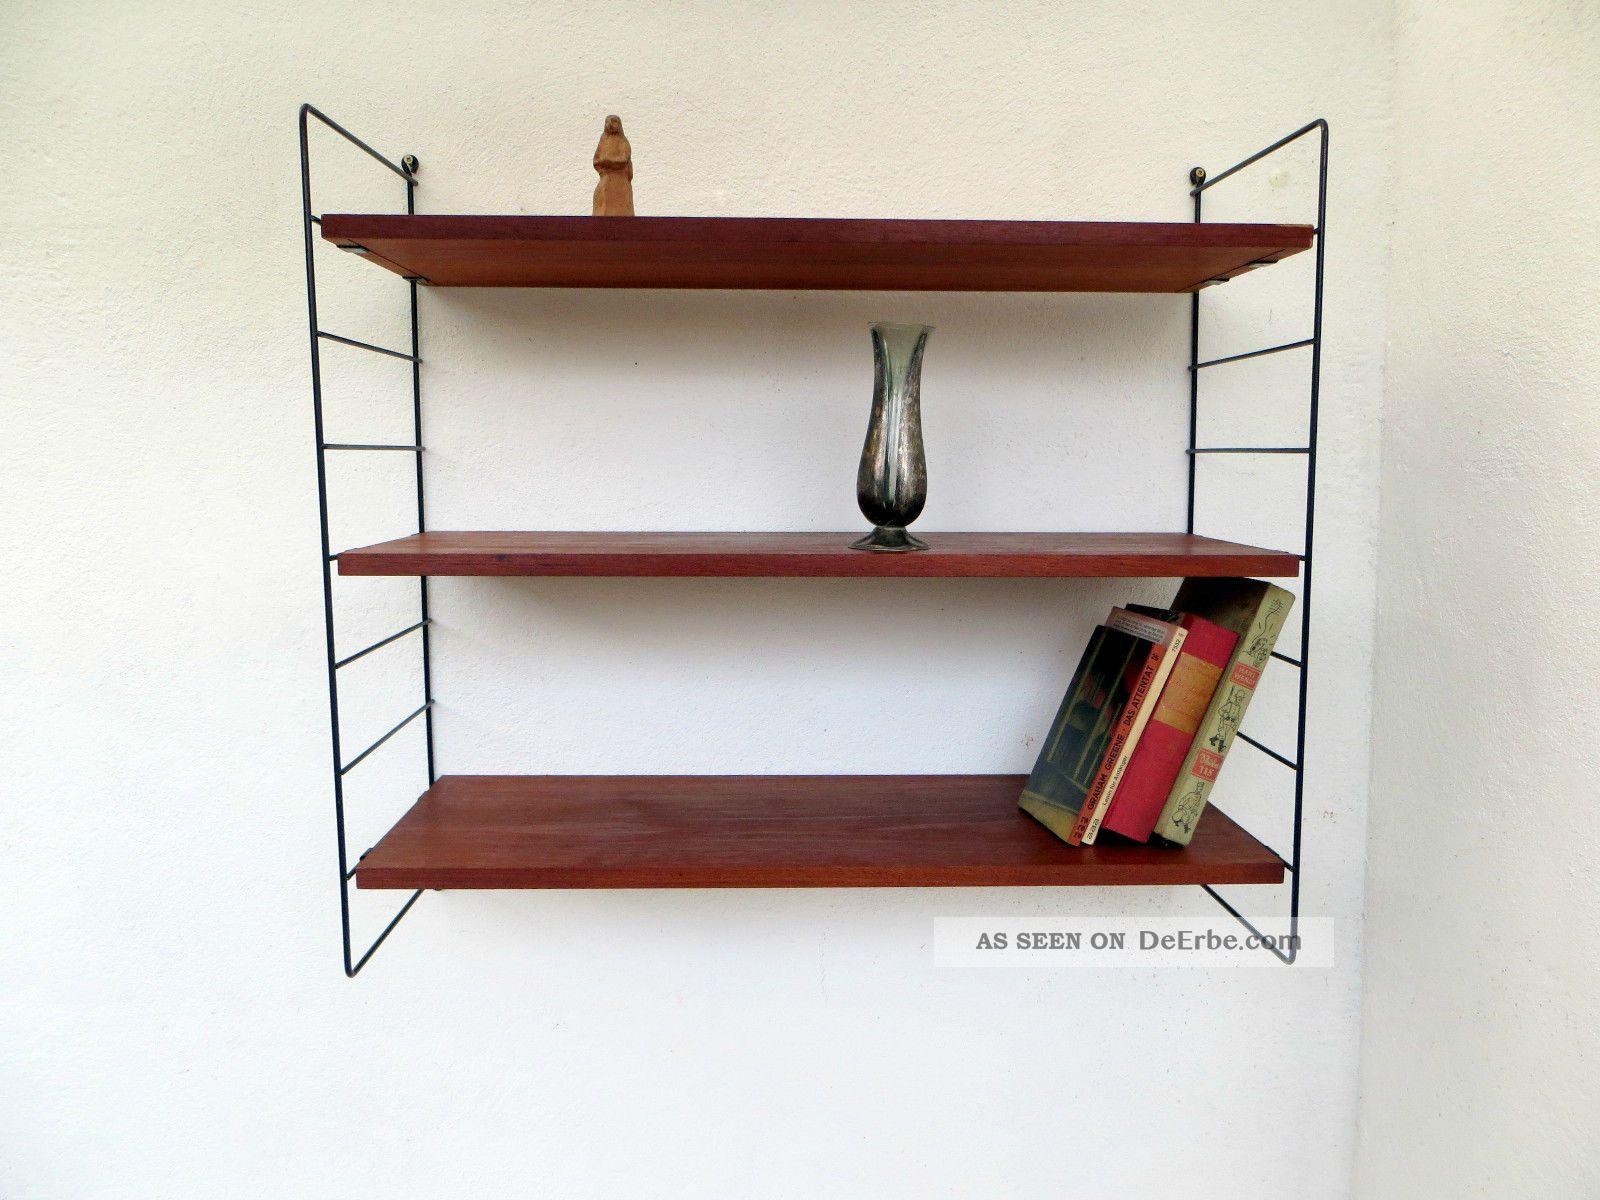 60er jahe string stil regal system 60er jahre teak. Black Bedroom Furniture Sets. Home Design Ideas